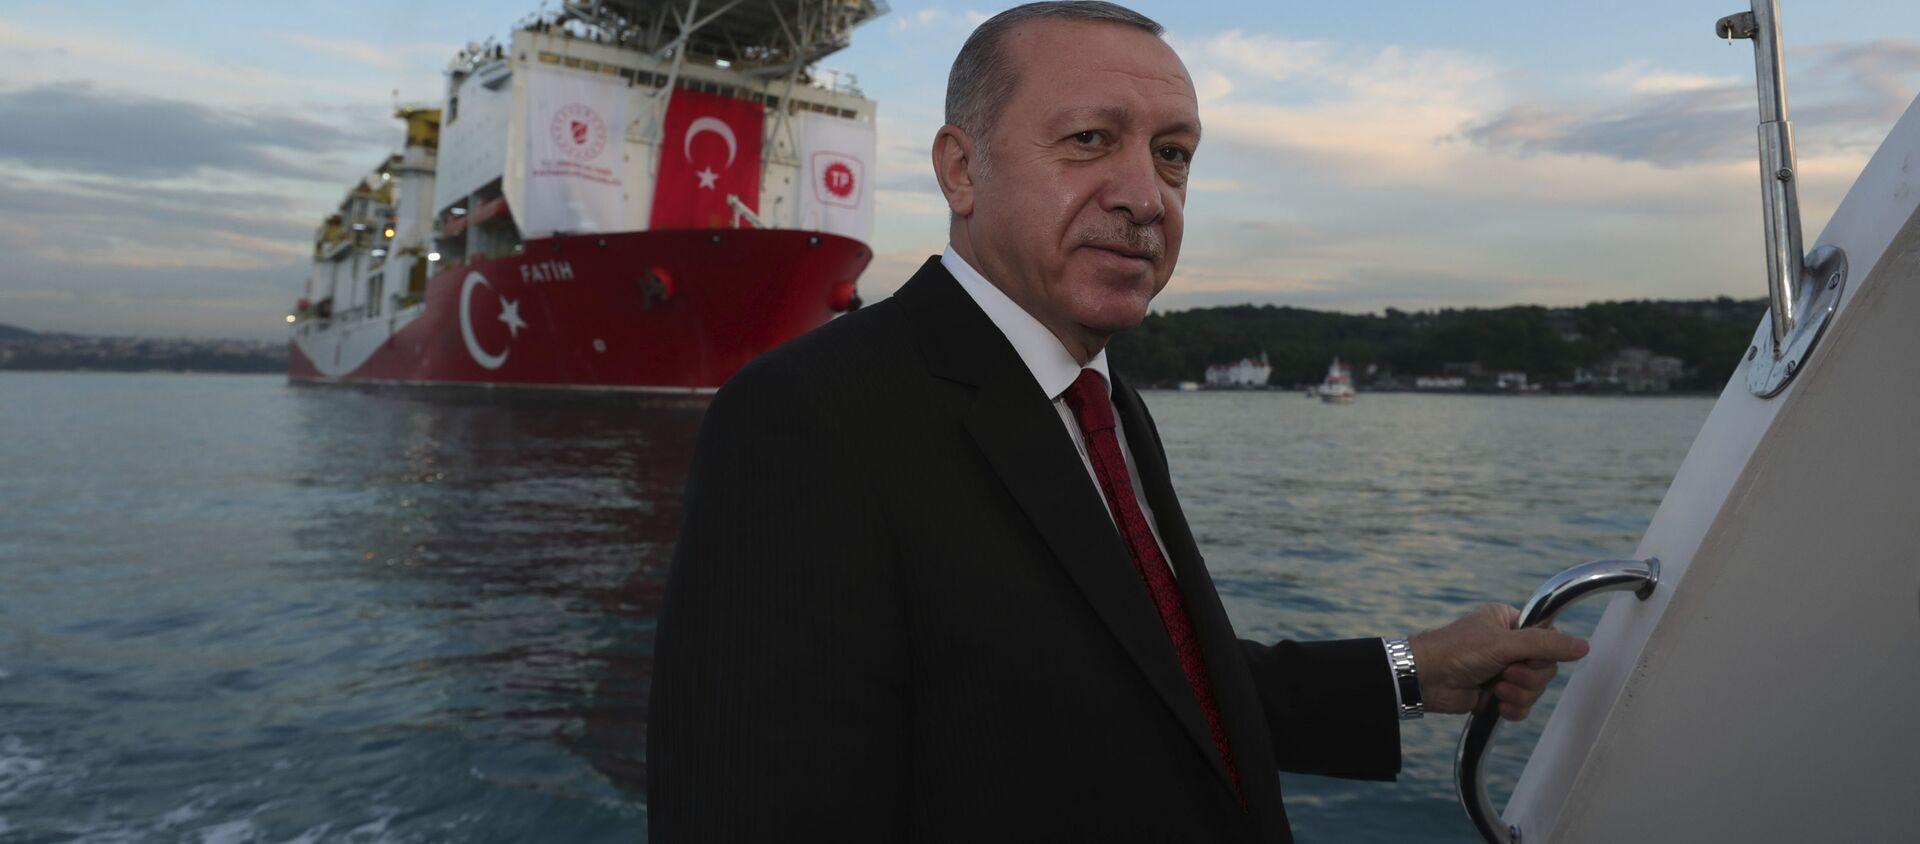 თურქეთის პრეზიდენტი რეჯეფ თაიიფ ერდოღანი - Sputnik საქართველო, 1920, 27.06.2021